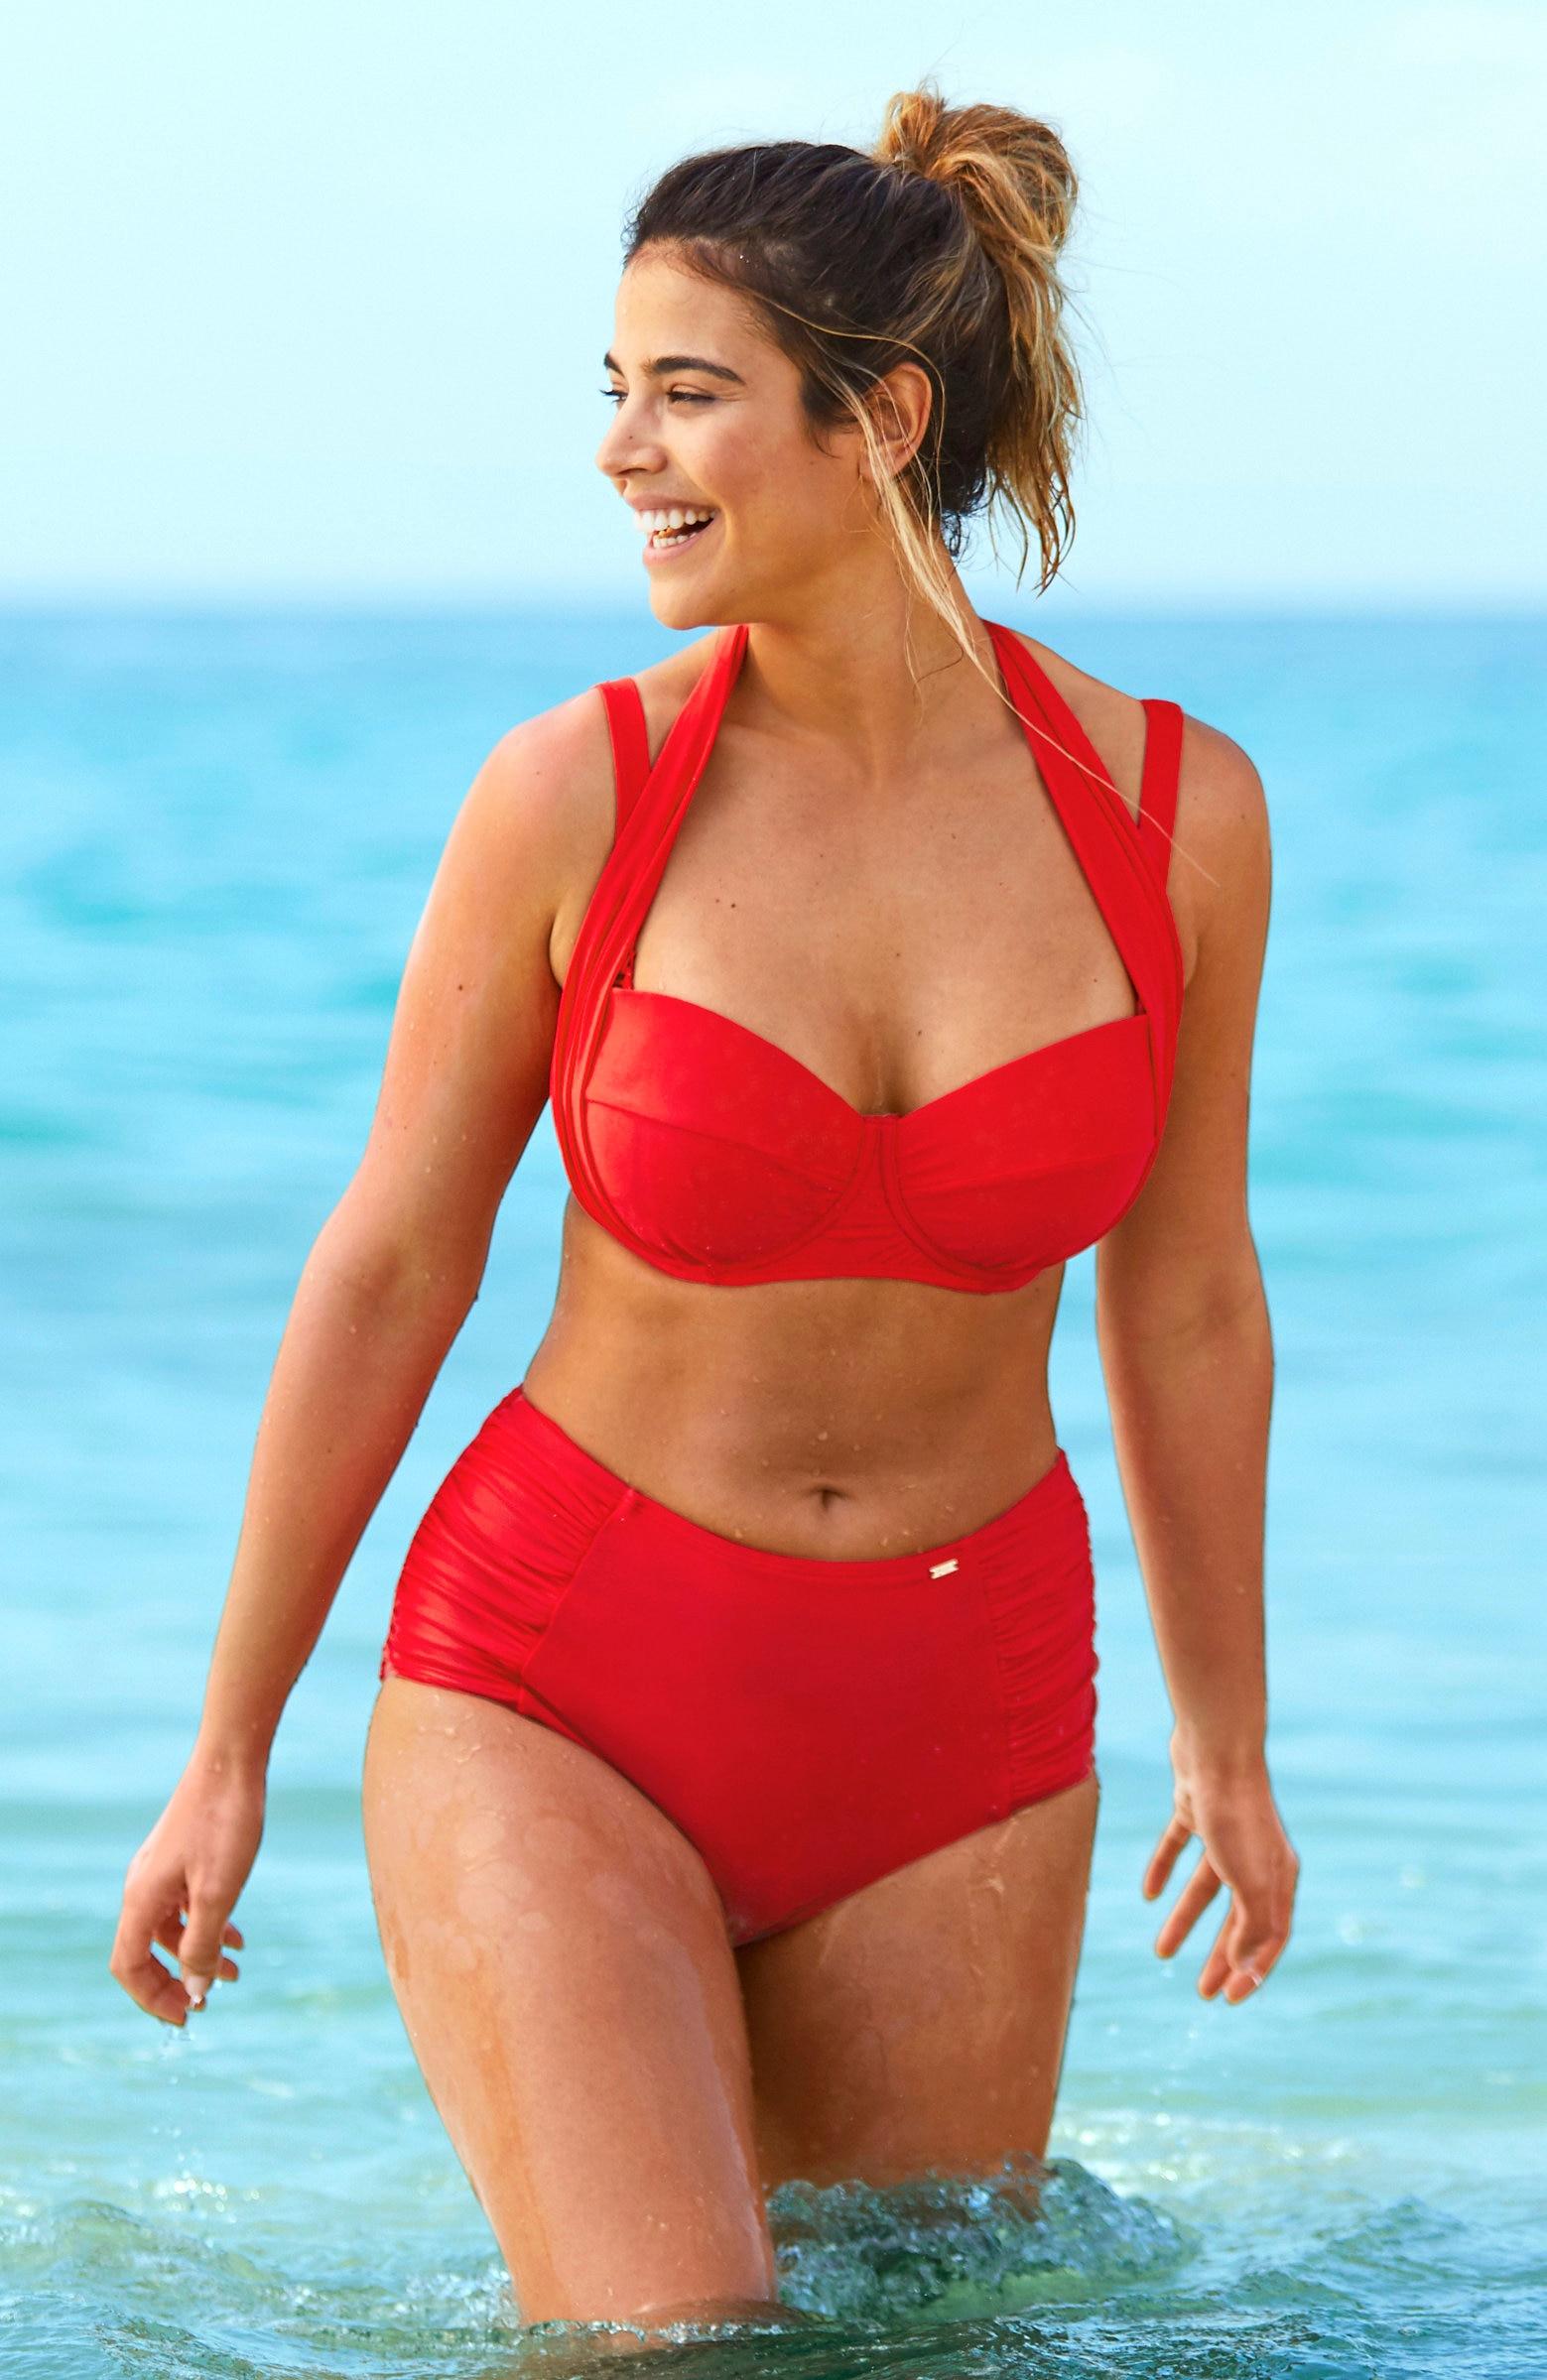 Czerwone wysokie majtki od bikini